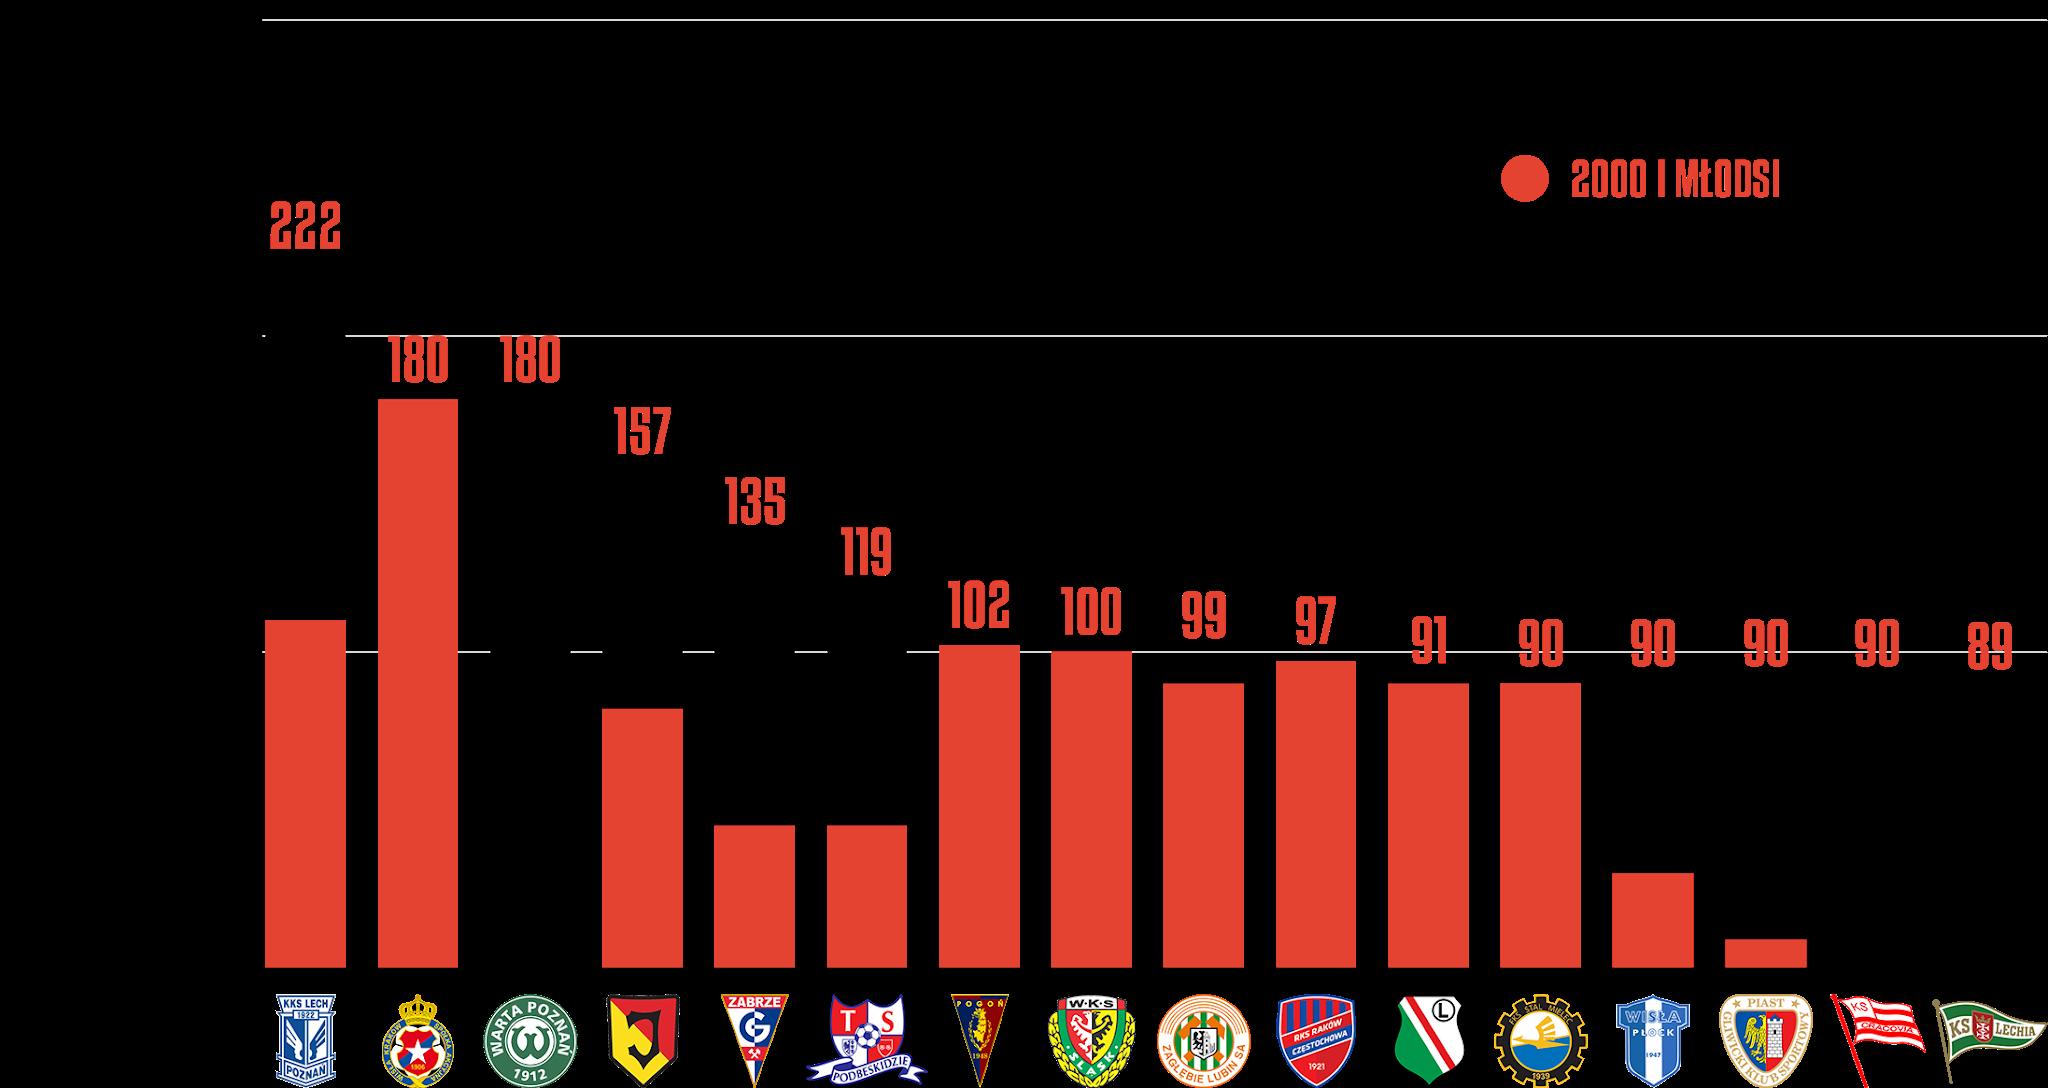 Klasyfikacja klubów pod względem rozegranego czasu przez młodzieżowców w12.kolejce PKO Ekstraklasy<br><br>Źródło: Opracowanie własne na podstawie ekstrastats.pl<br><br>graf. Bartosz Urban